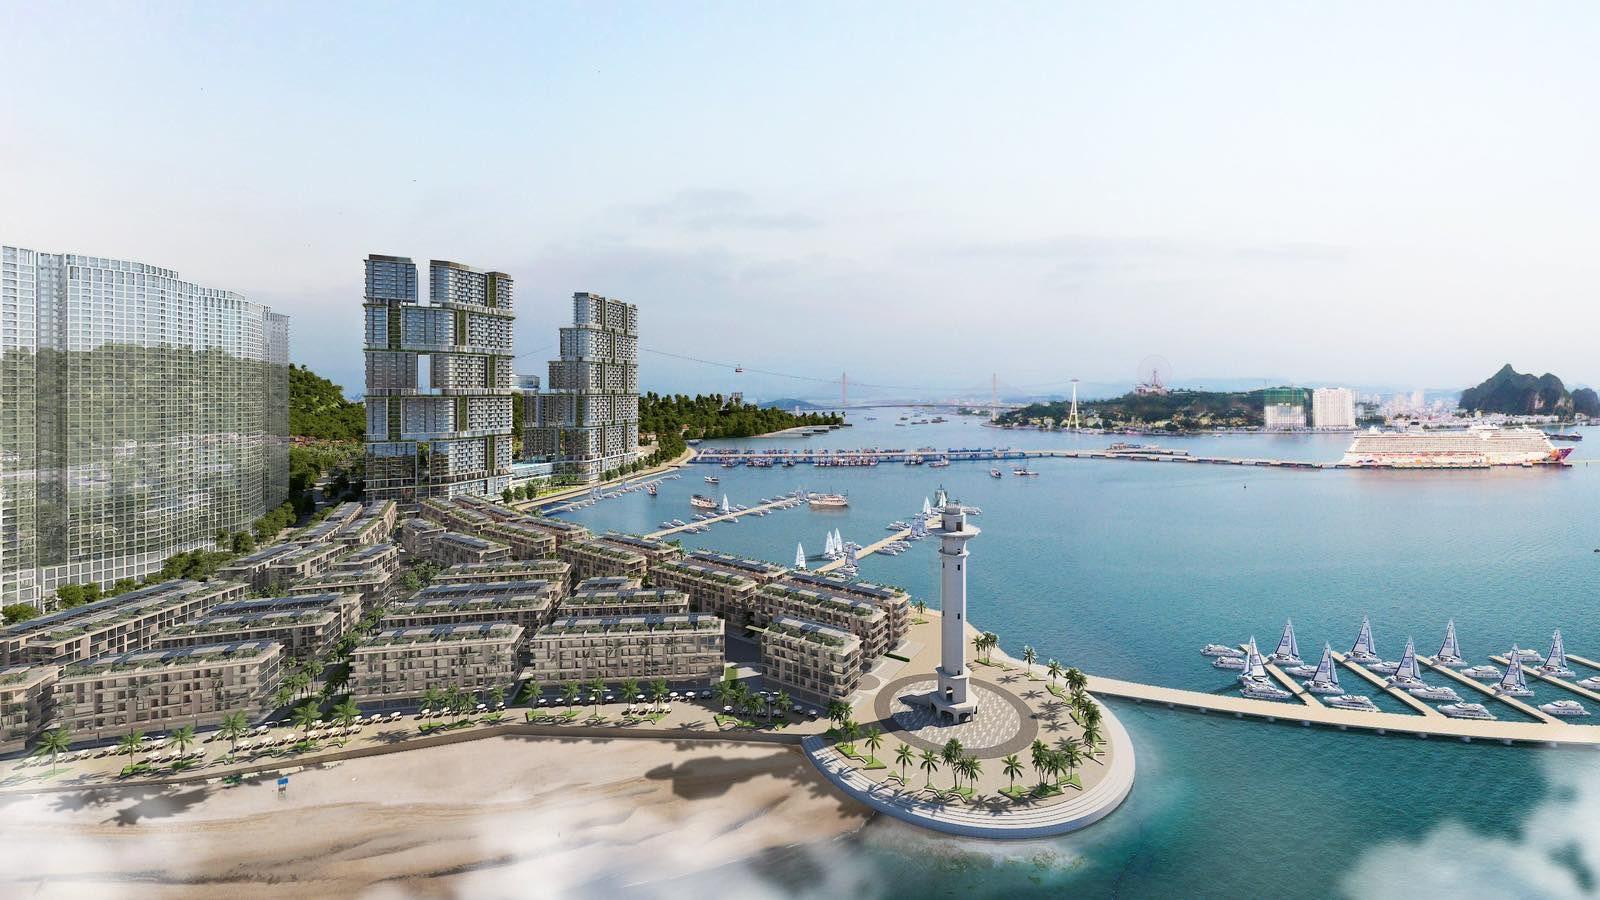 Sun Grand City Marina Hạ Long - Biểu tượng hưng thịnh mới của giới thượng lưu